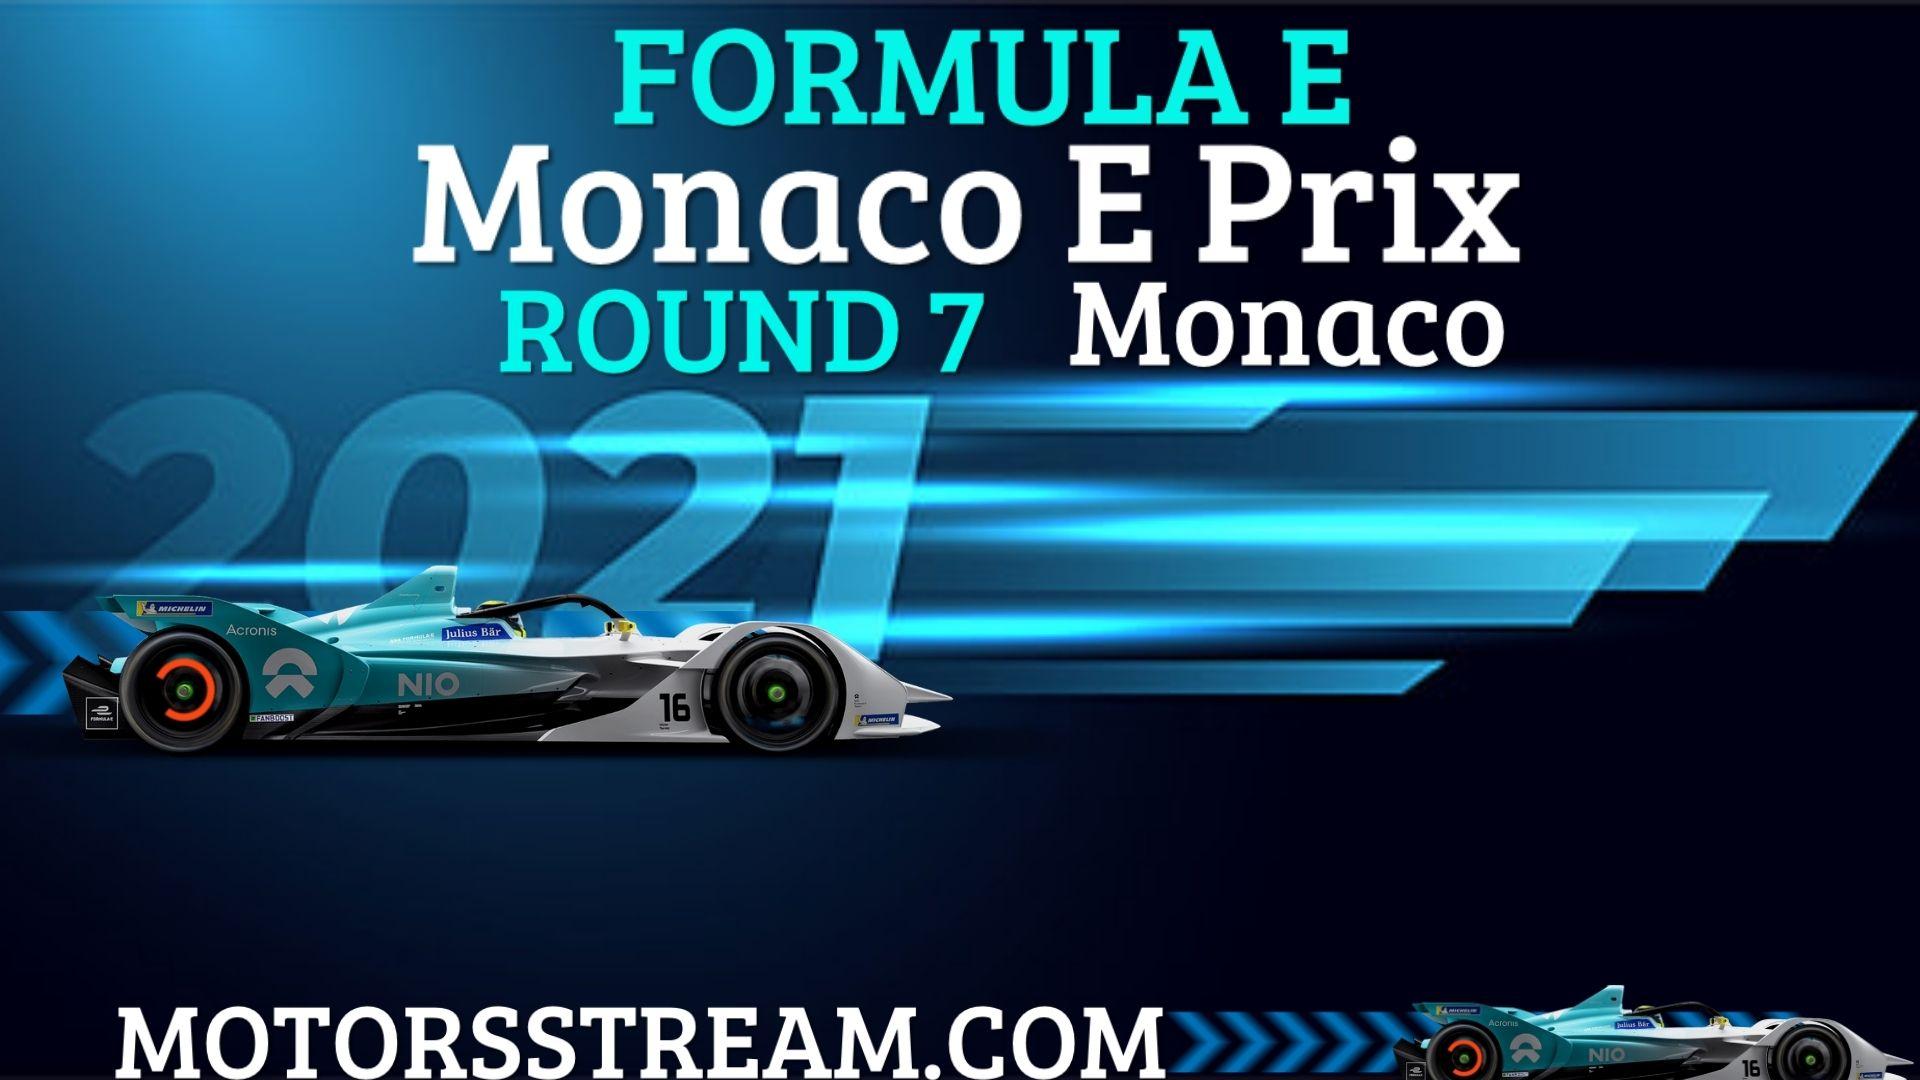 Monaco E Prix Round 7 Live Stream 2021 | Formula E